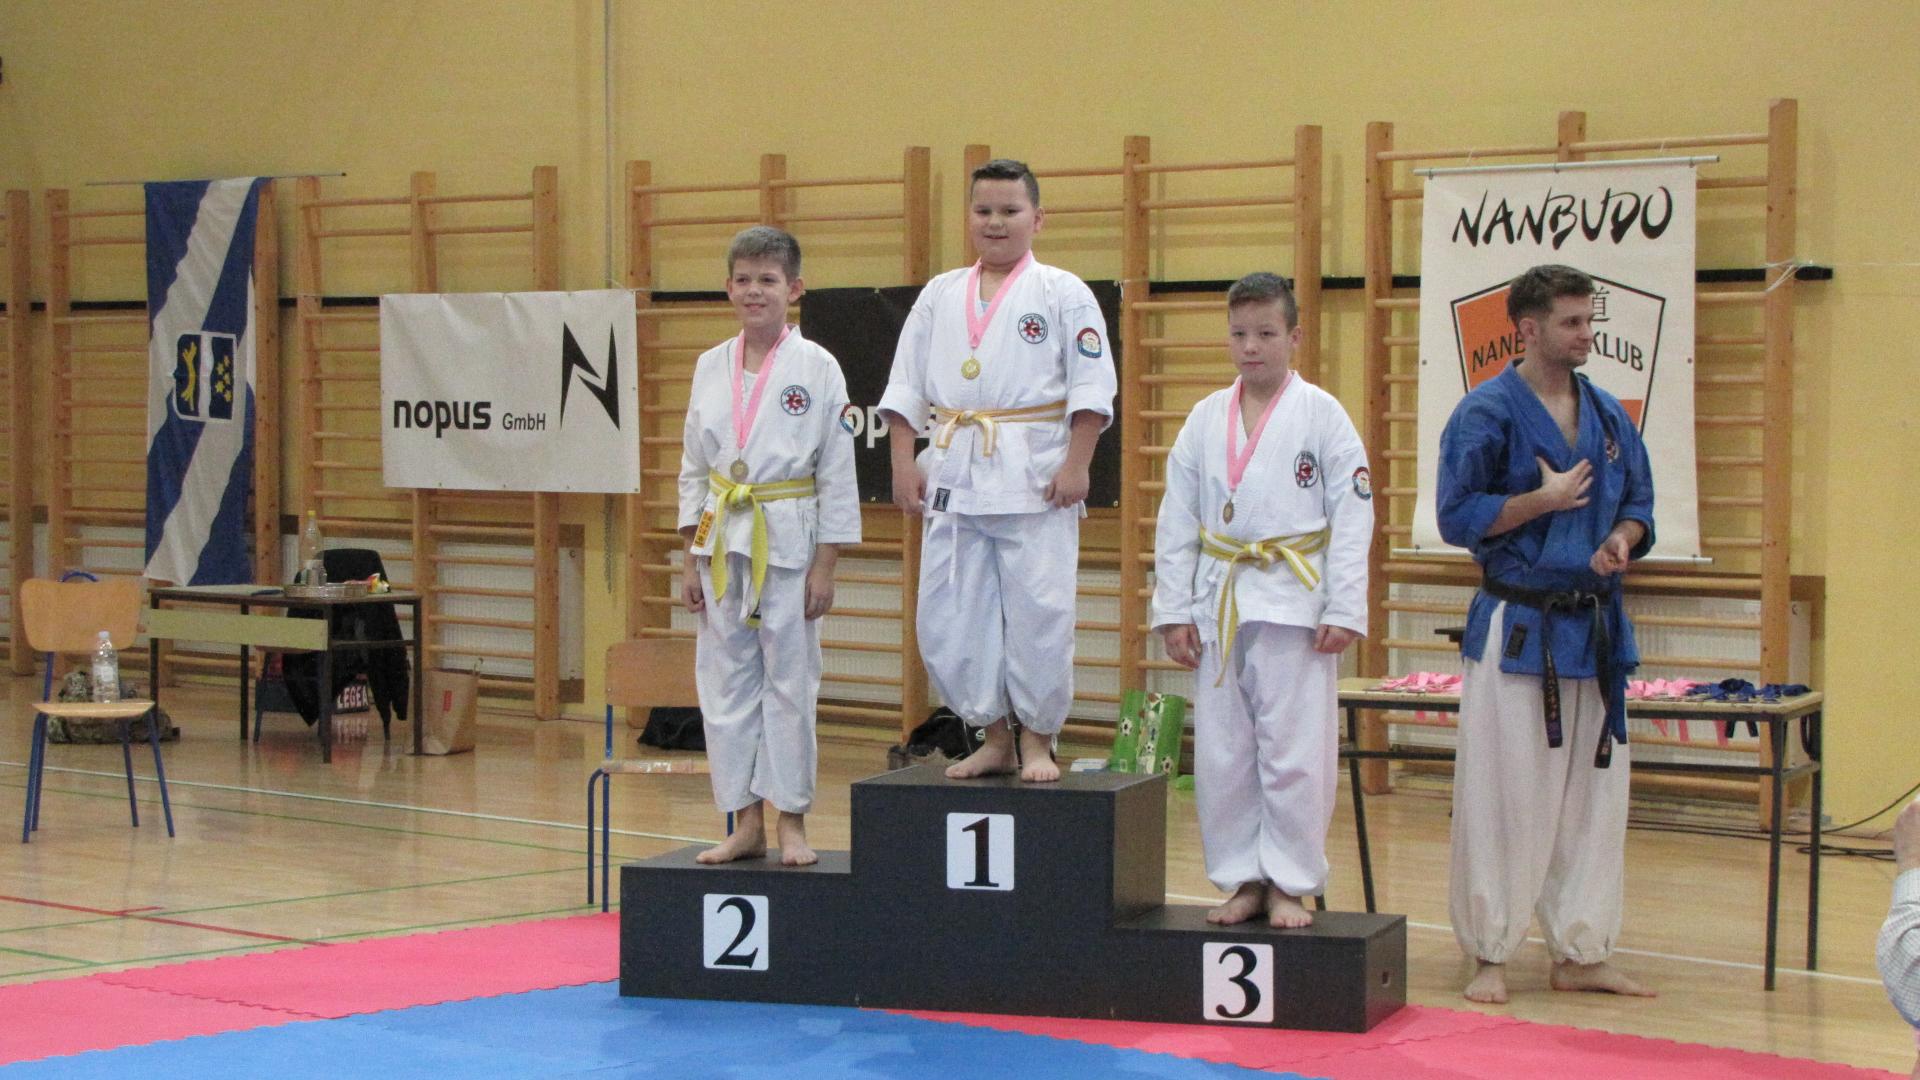 23 medalje za Nanbudo klub M. Bistrica 2